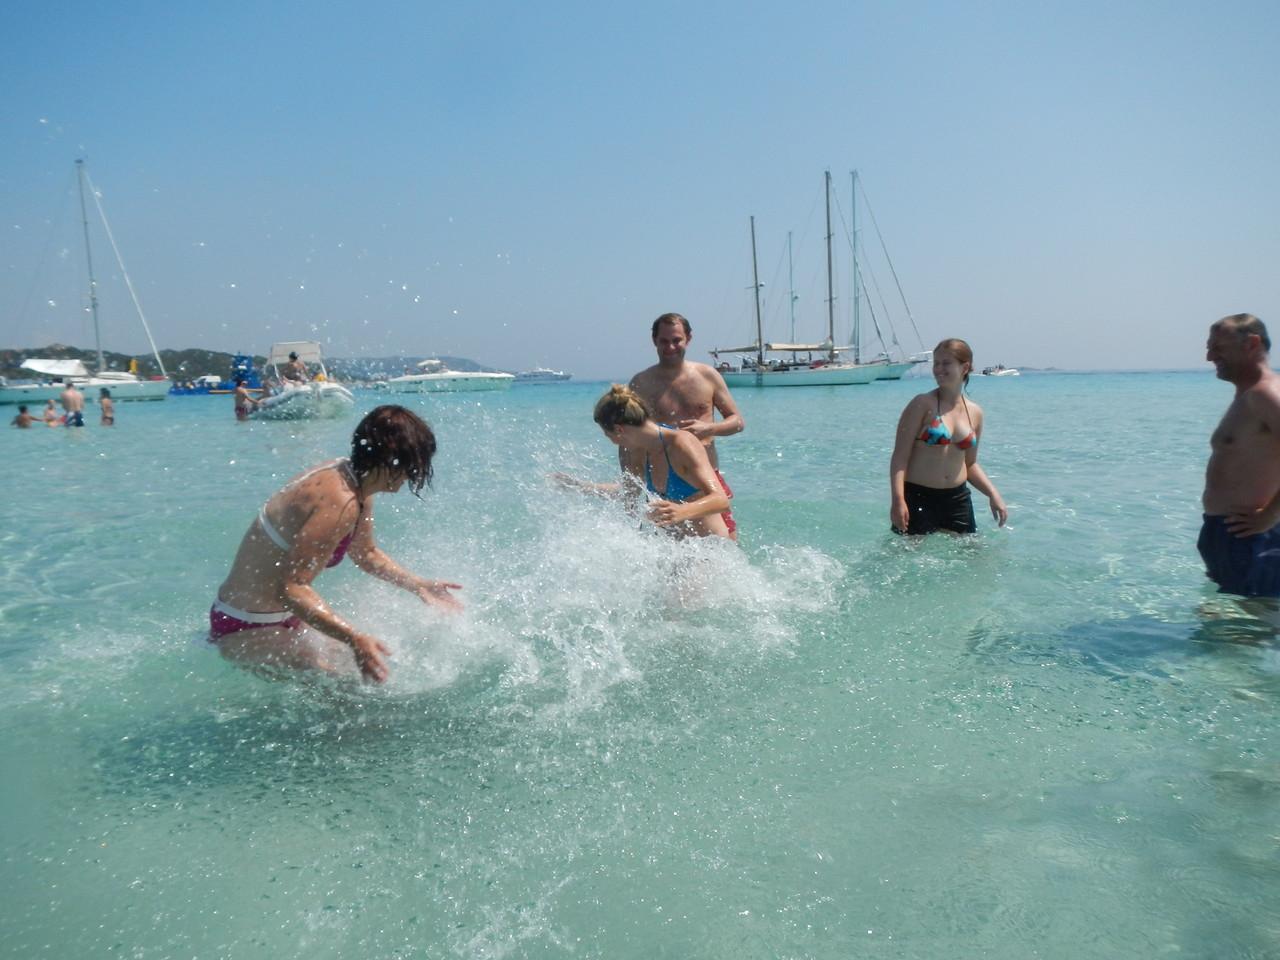 Wasserschlacht in der Piantarella. Einfach Baden und Spaß haben.